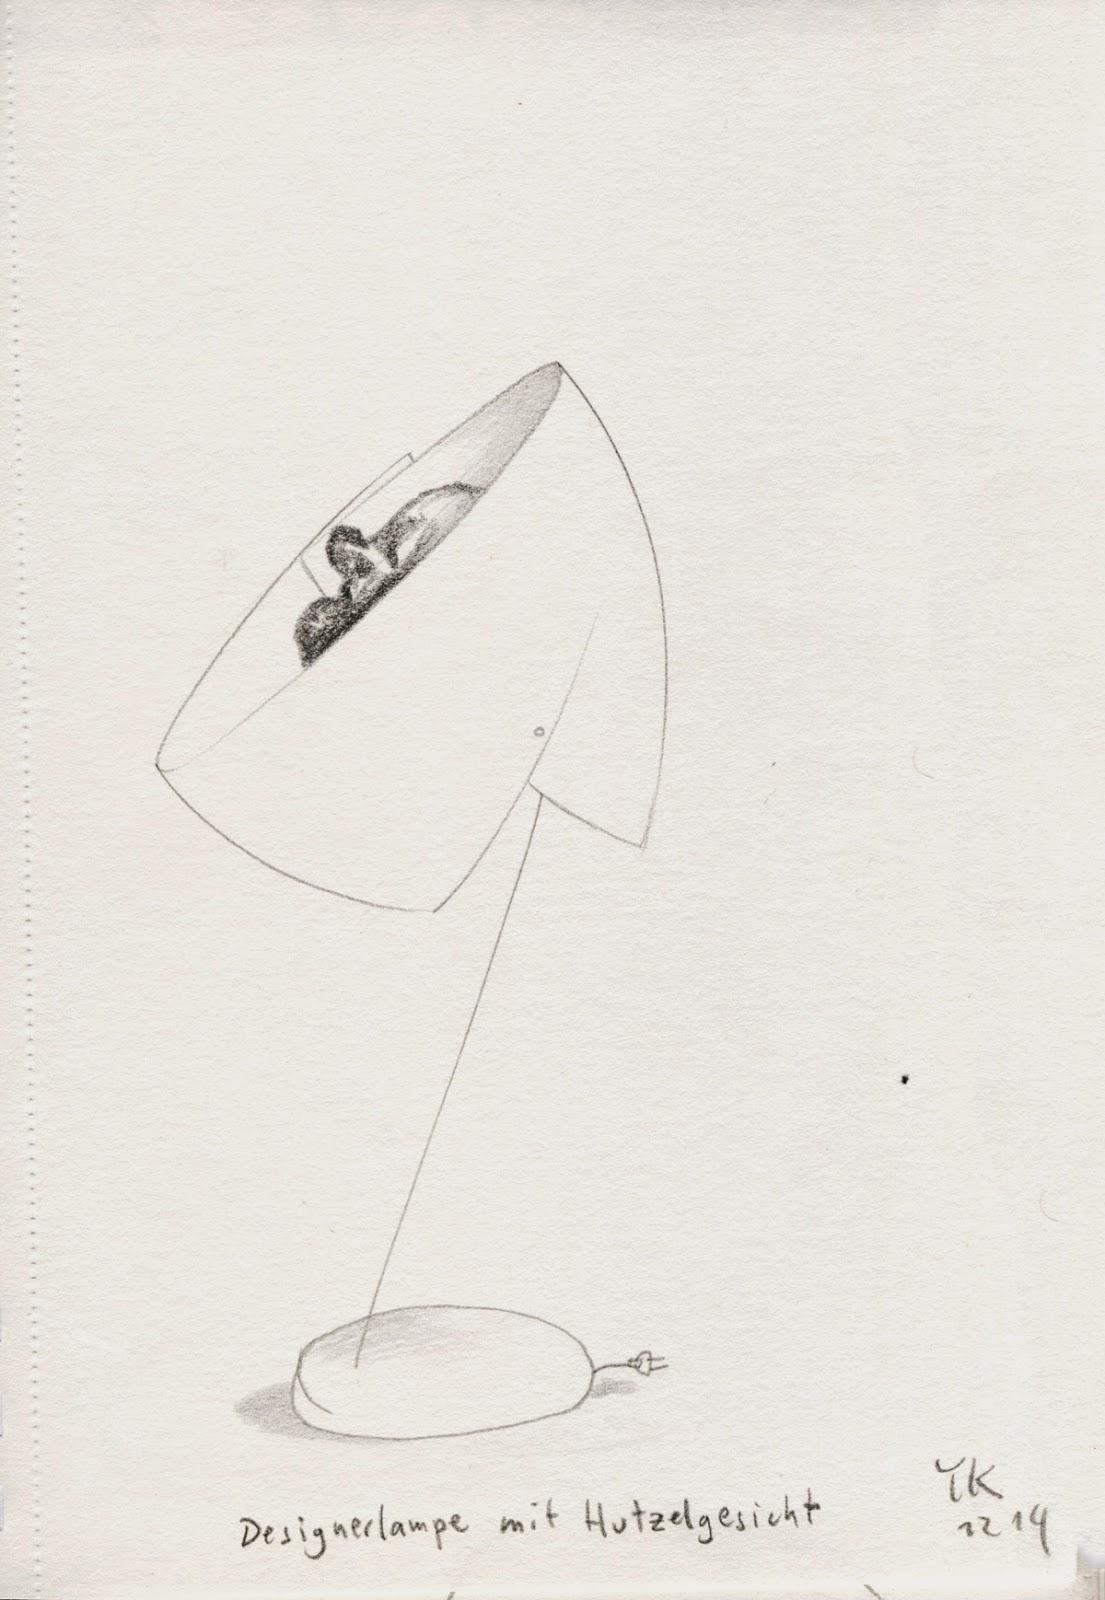 Zeichnung des Tages: Designerlampe mit Hutzelgesicht